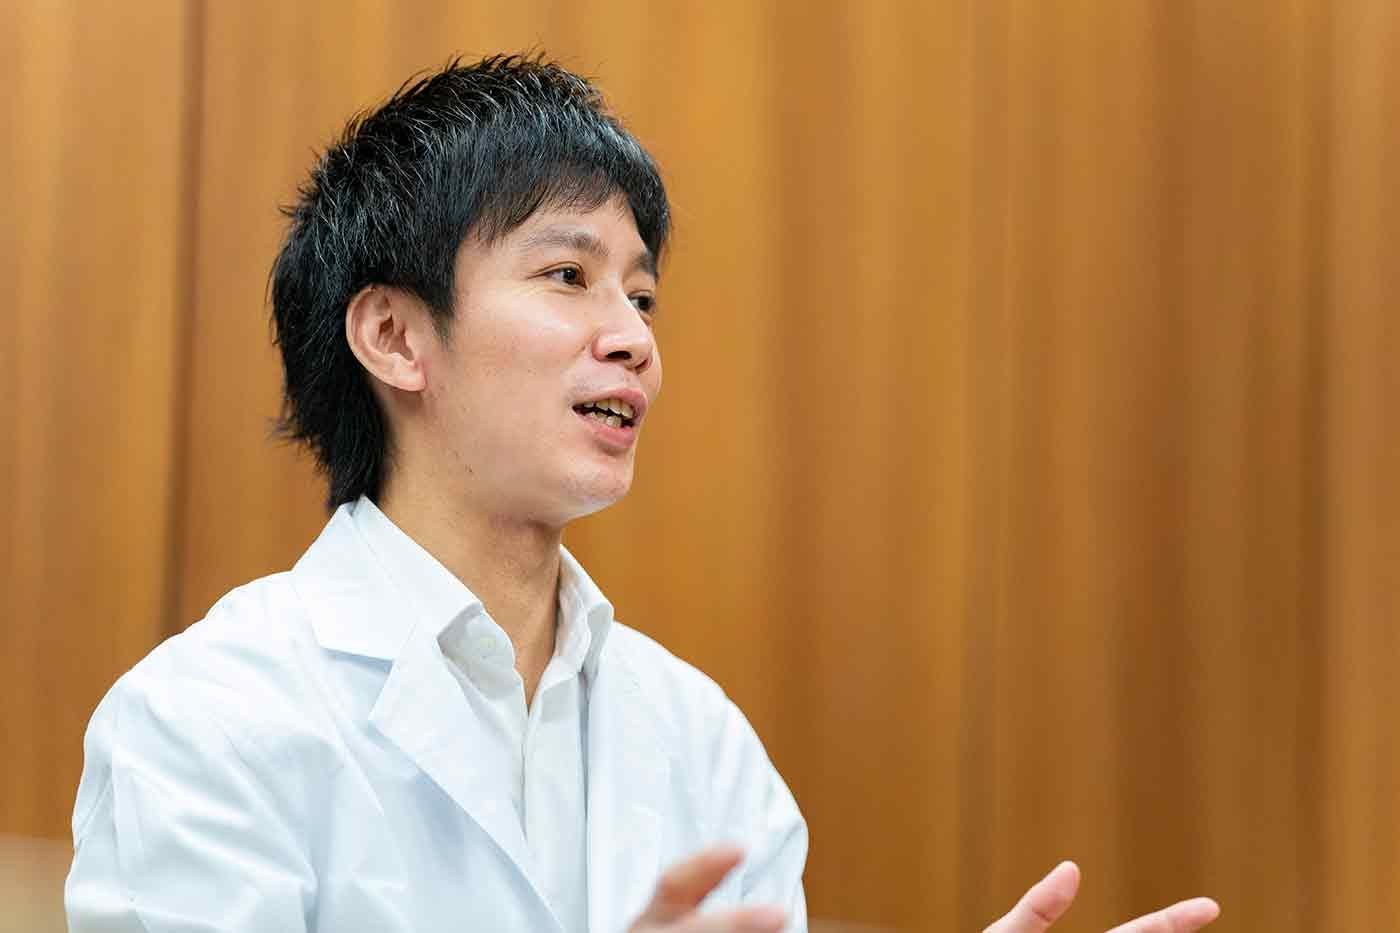 アース・ペット株式会社 研究開発部 安藝良平さん